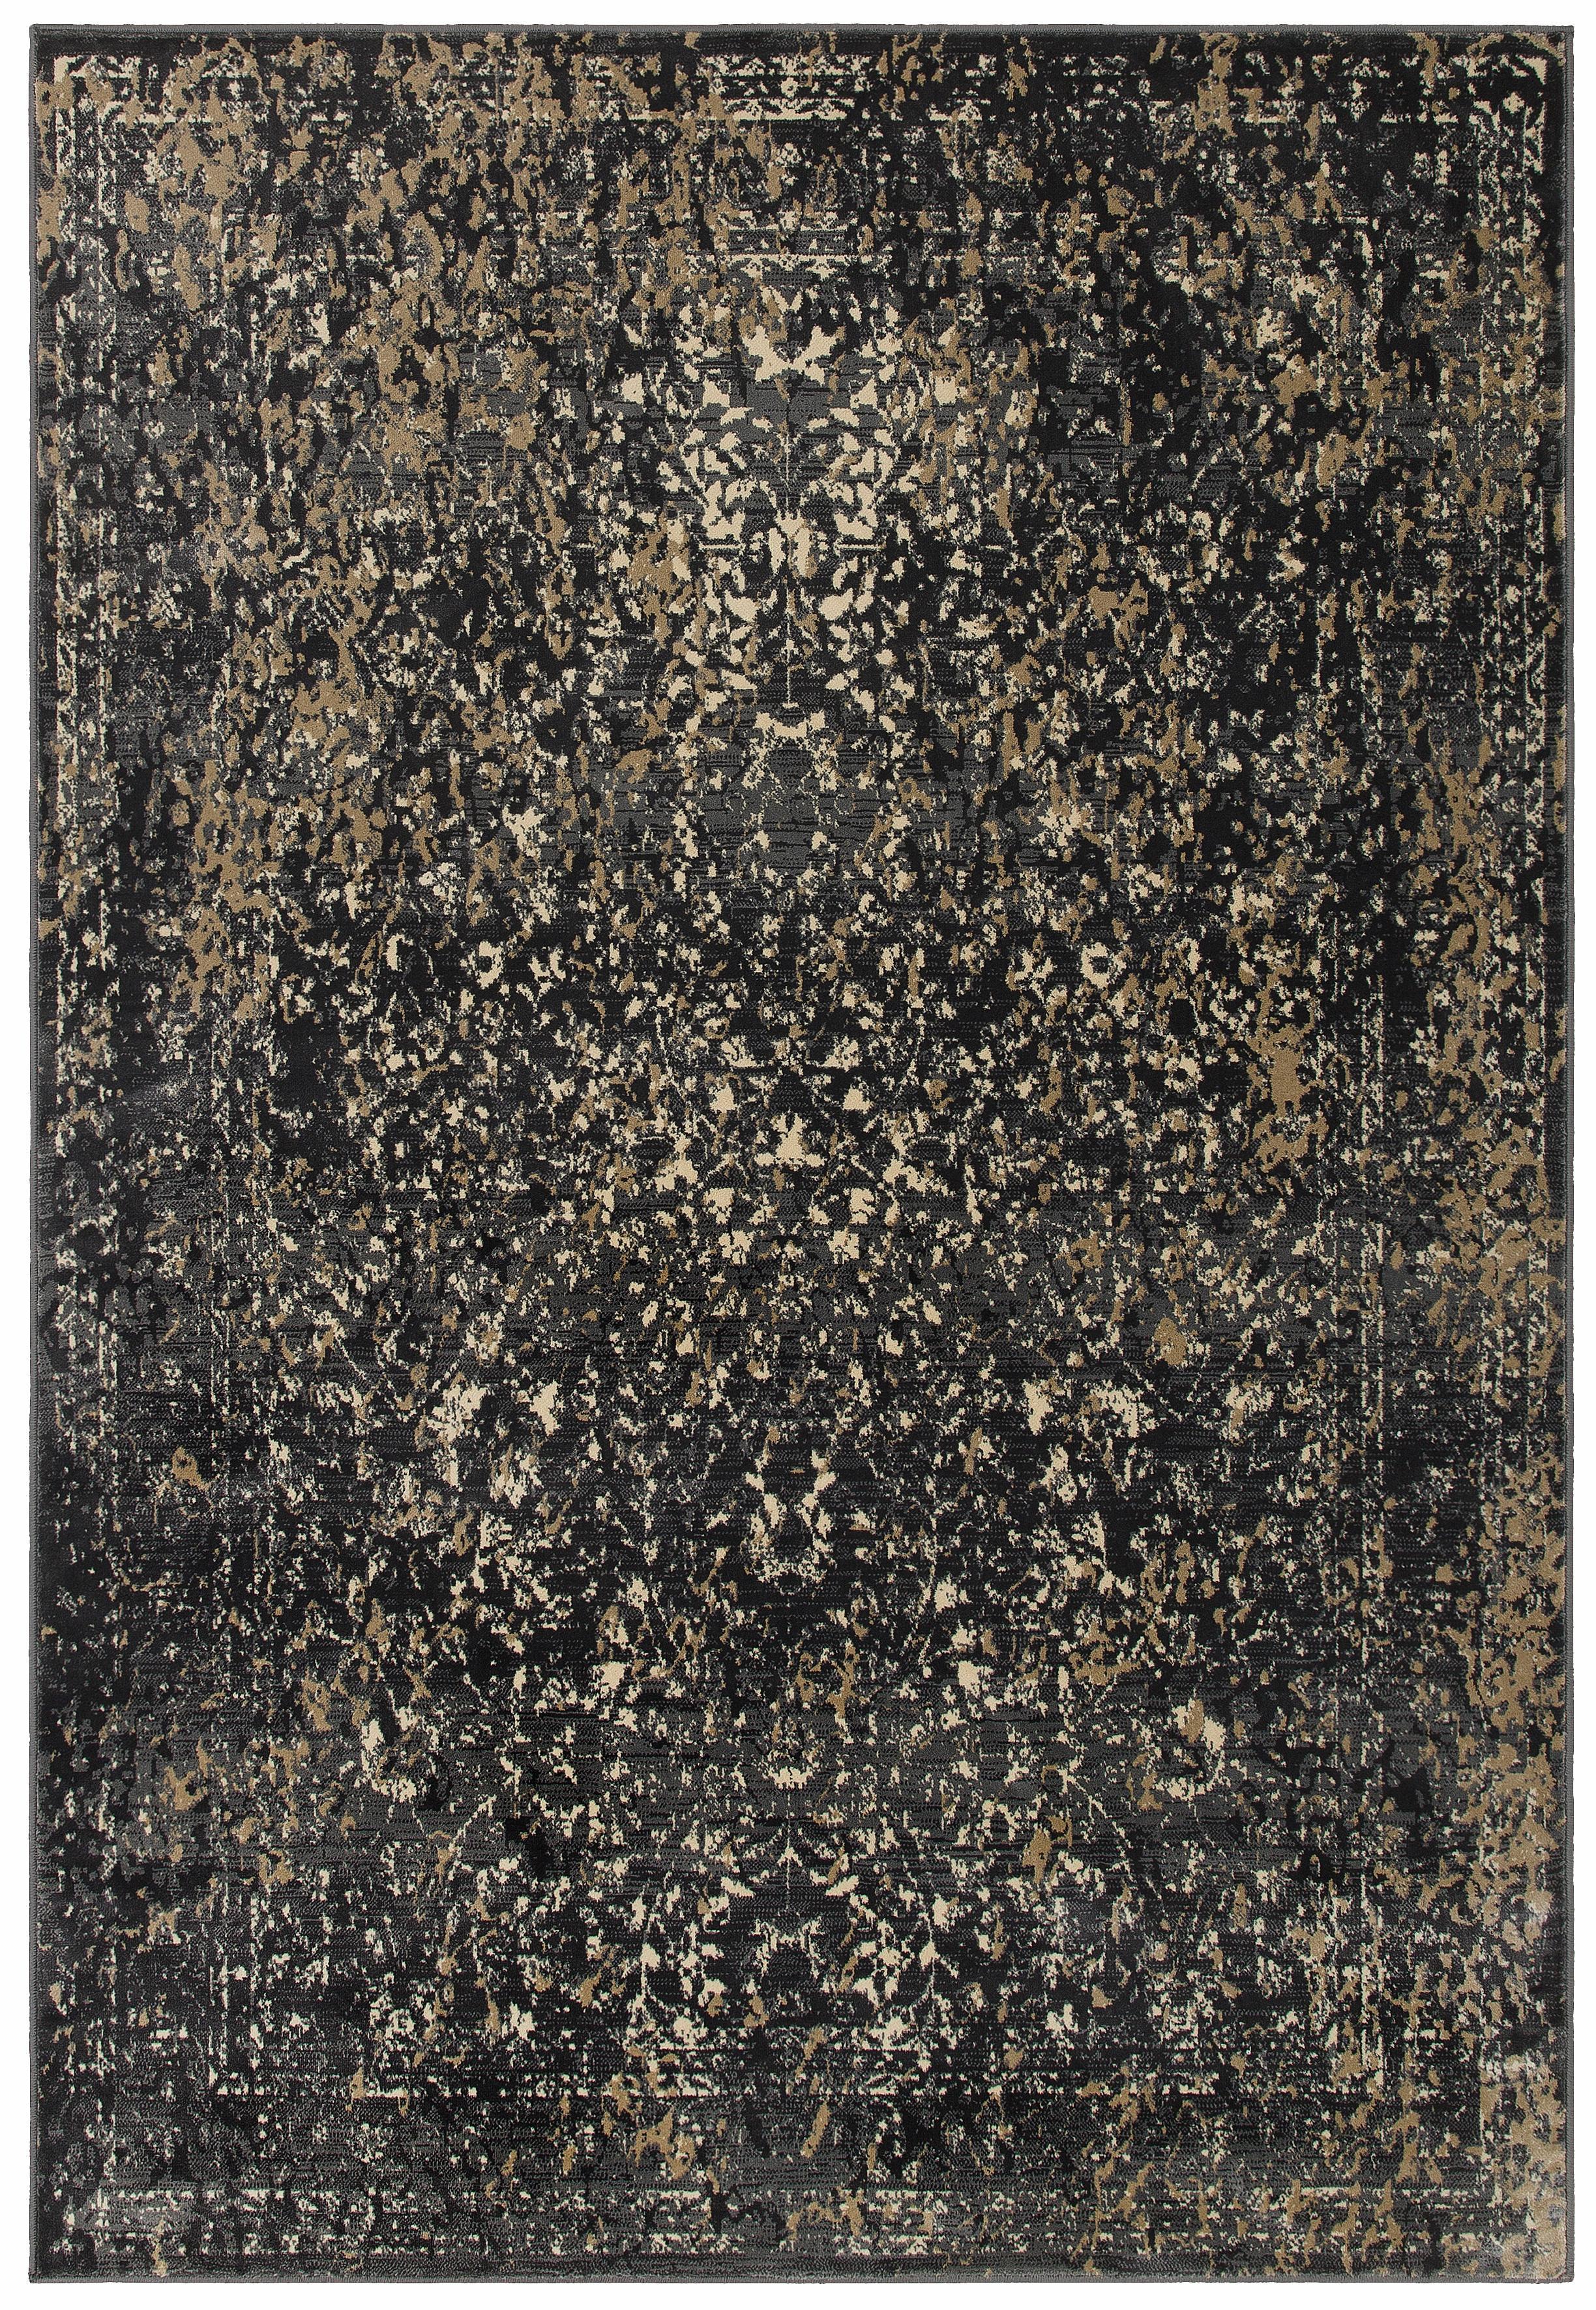 Teppich Torge my home rechteckig Höhe 8 mm